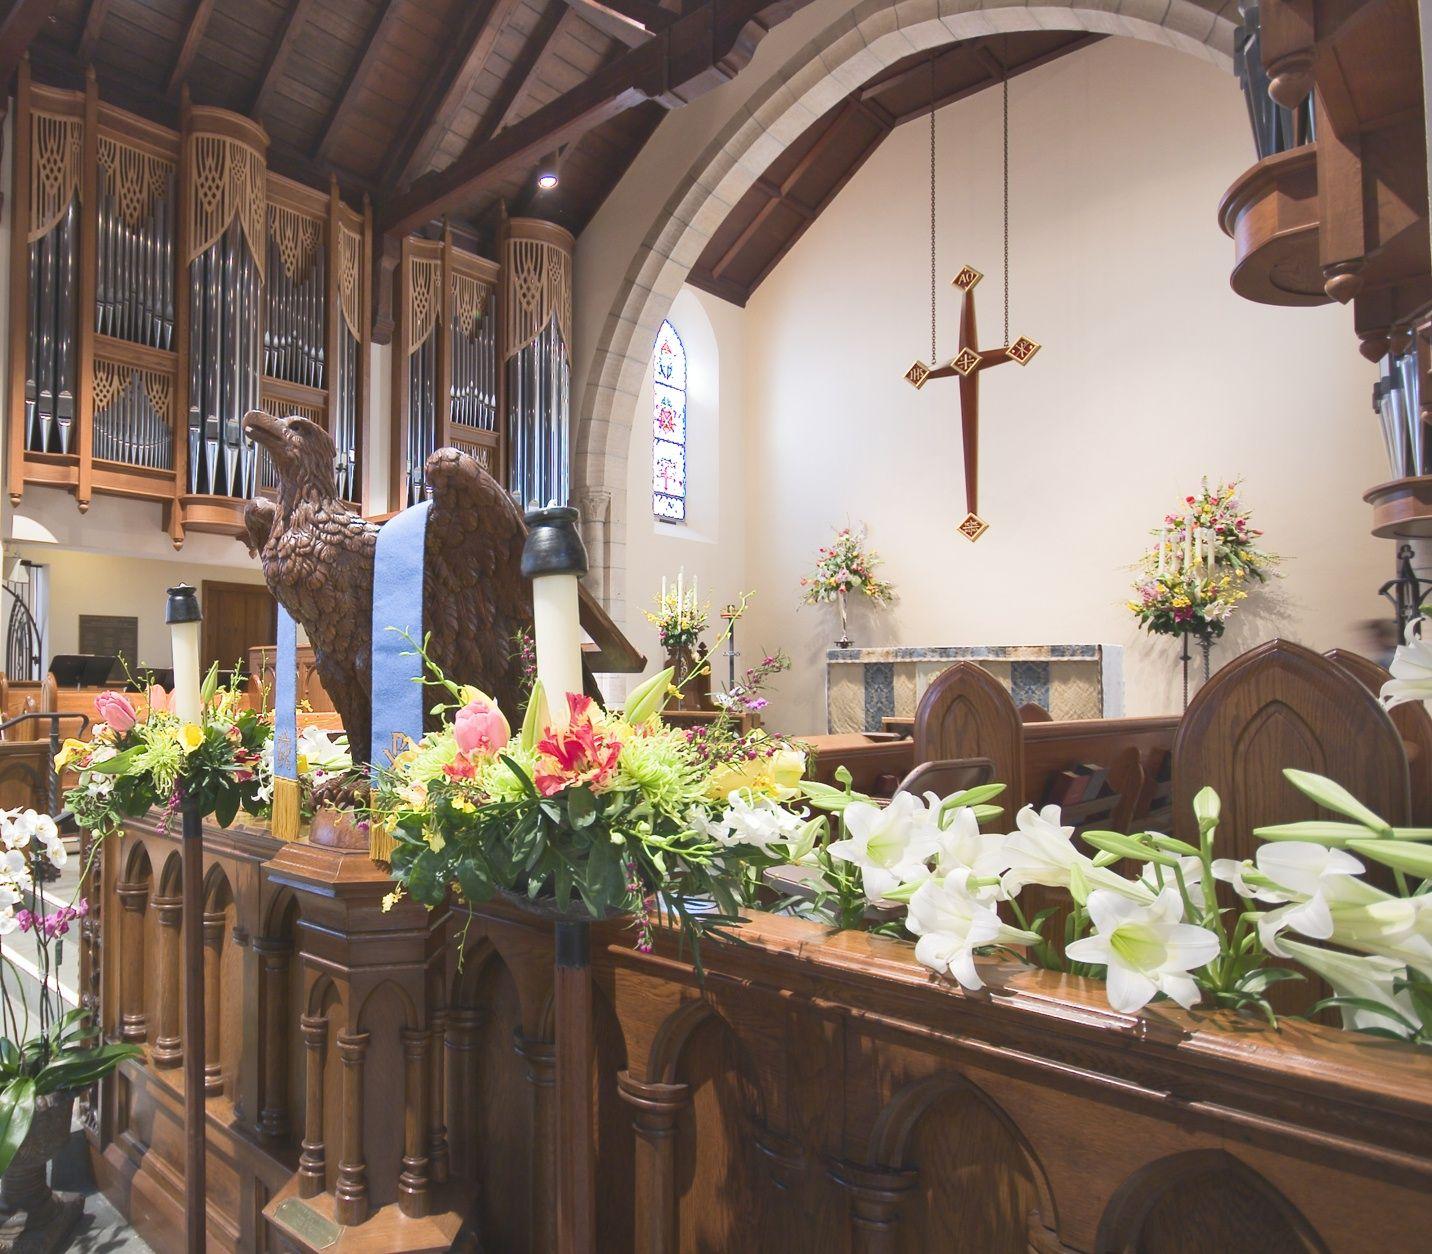 058b13c32ffb9bbce70f04b8e8ea3d9e - Trinity Methodist Church Palm Beach Gardens